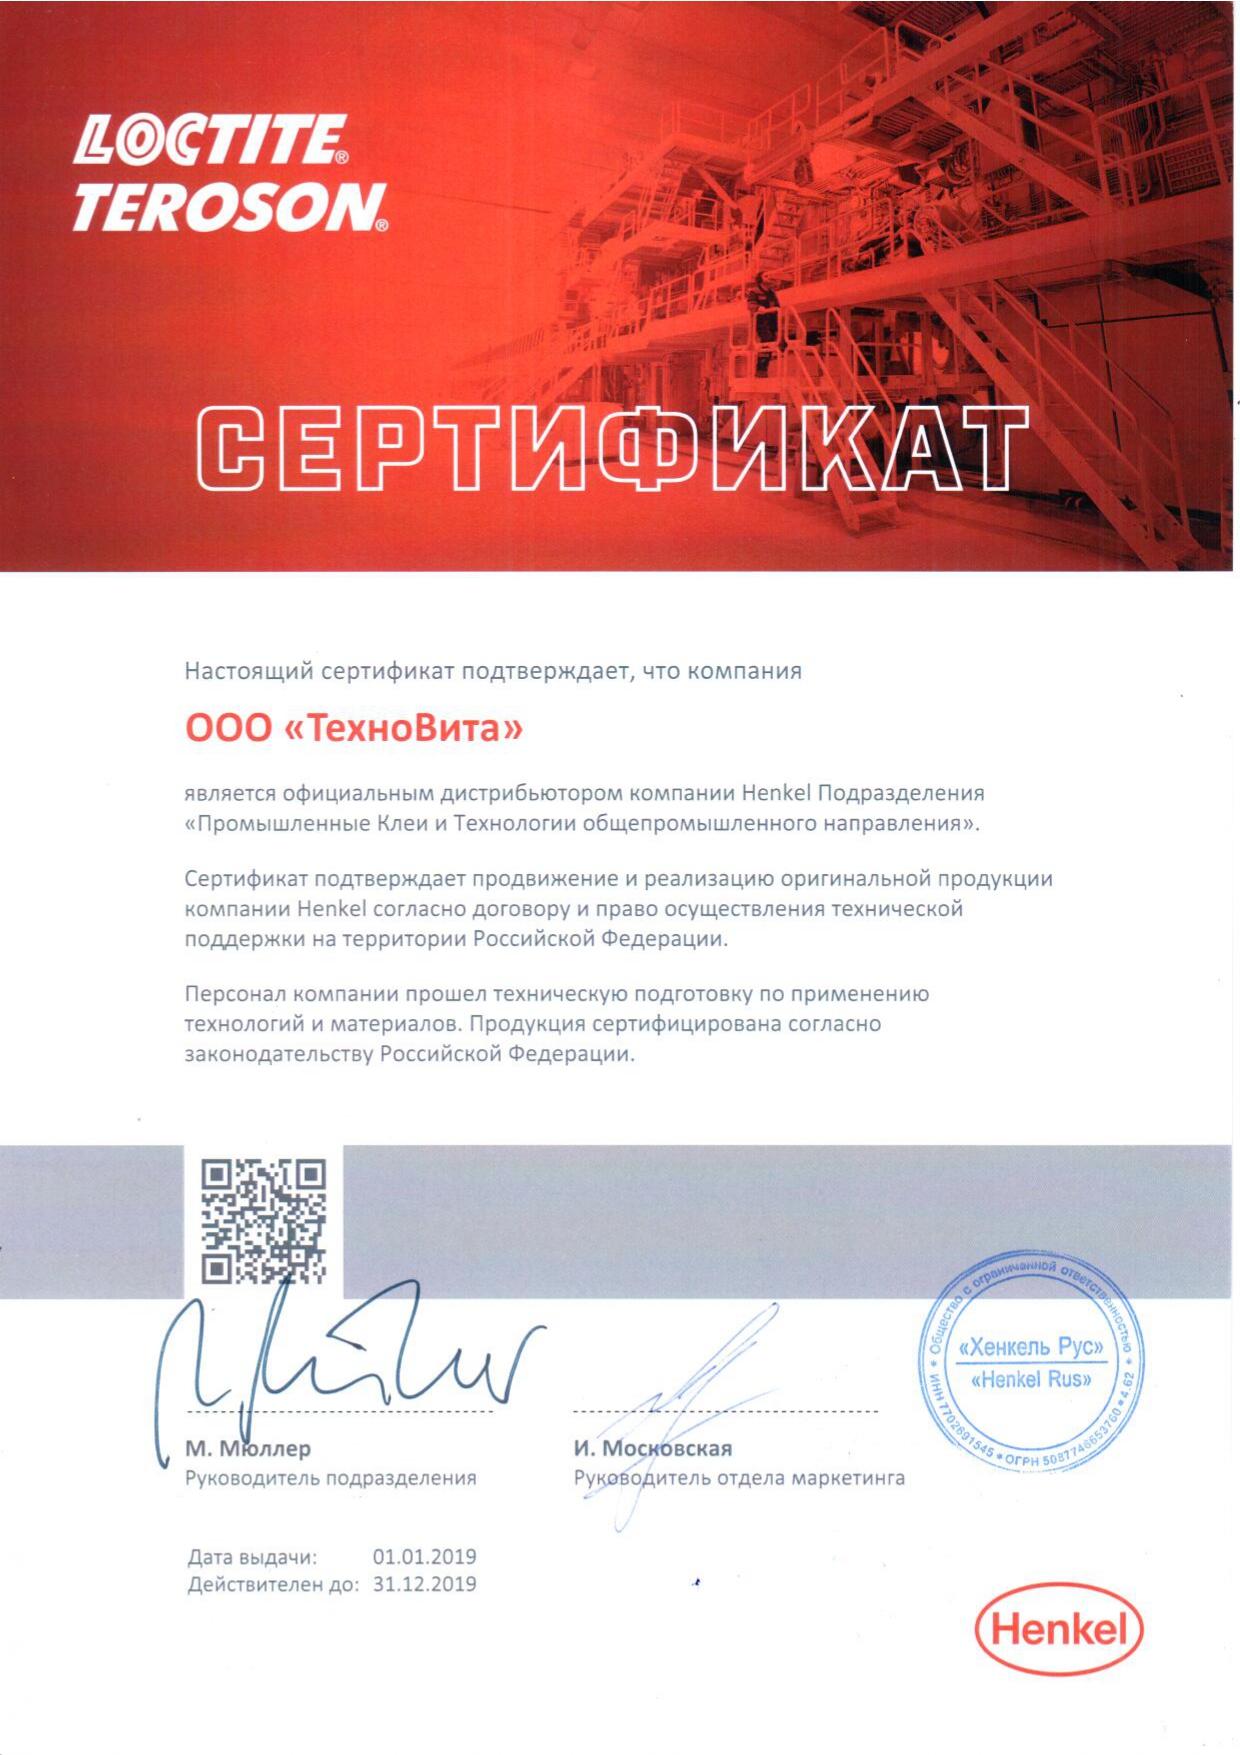 Официальный дистрибьютор продукции Loctite